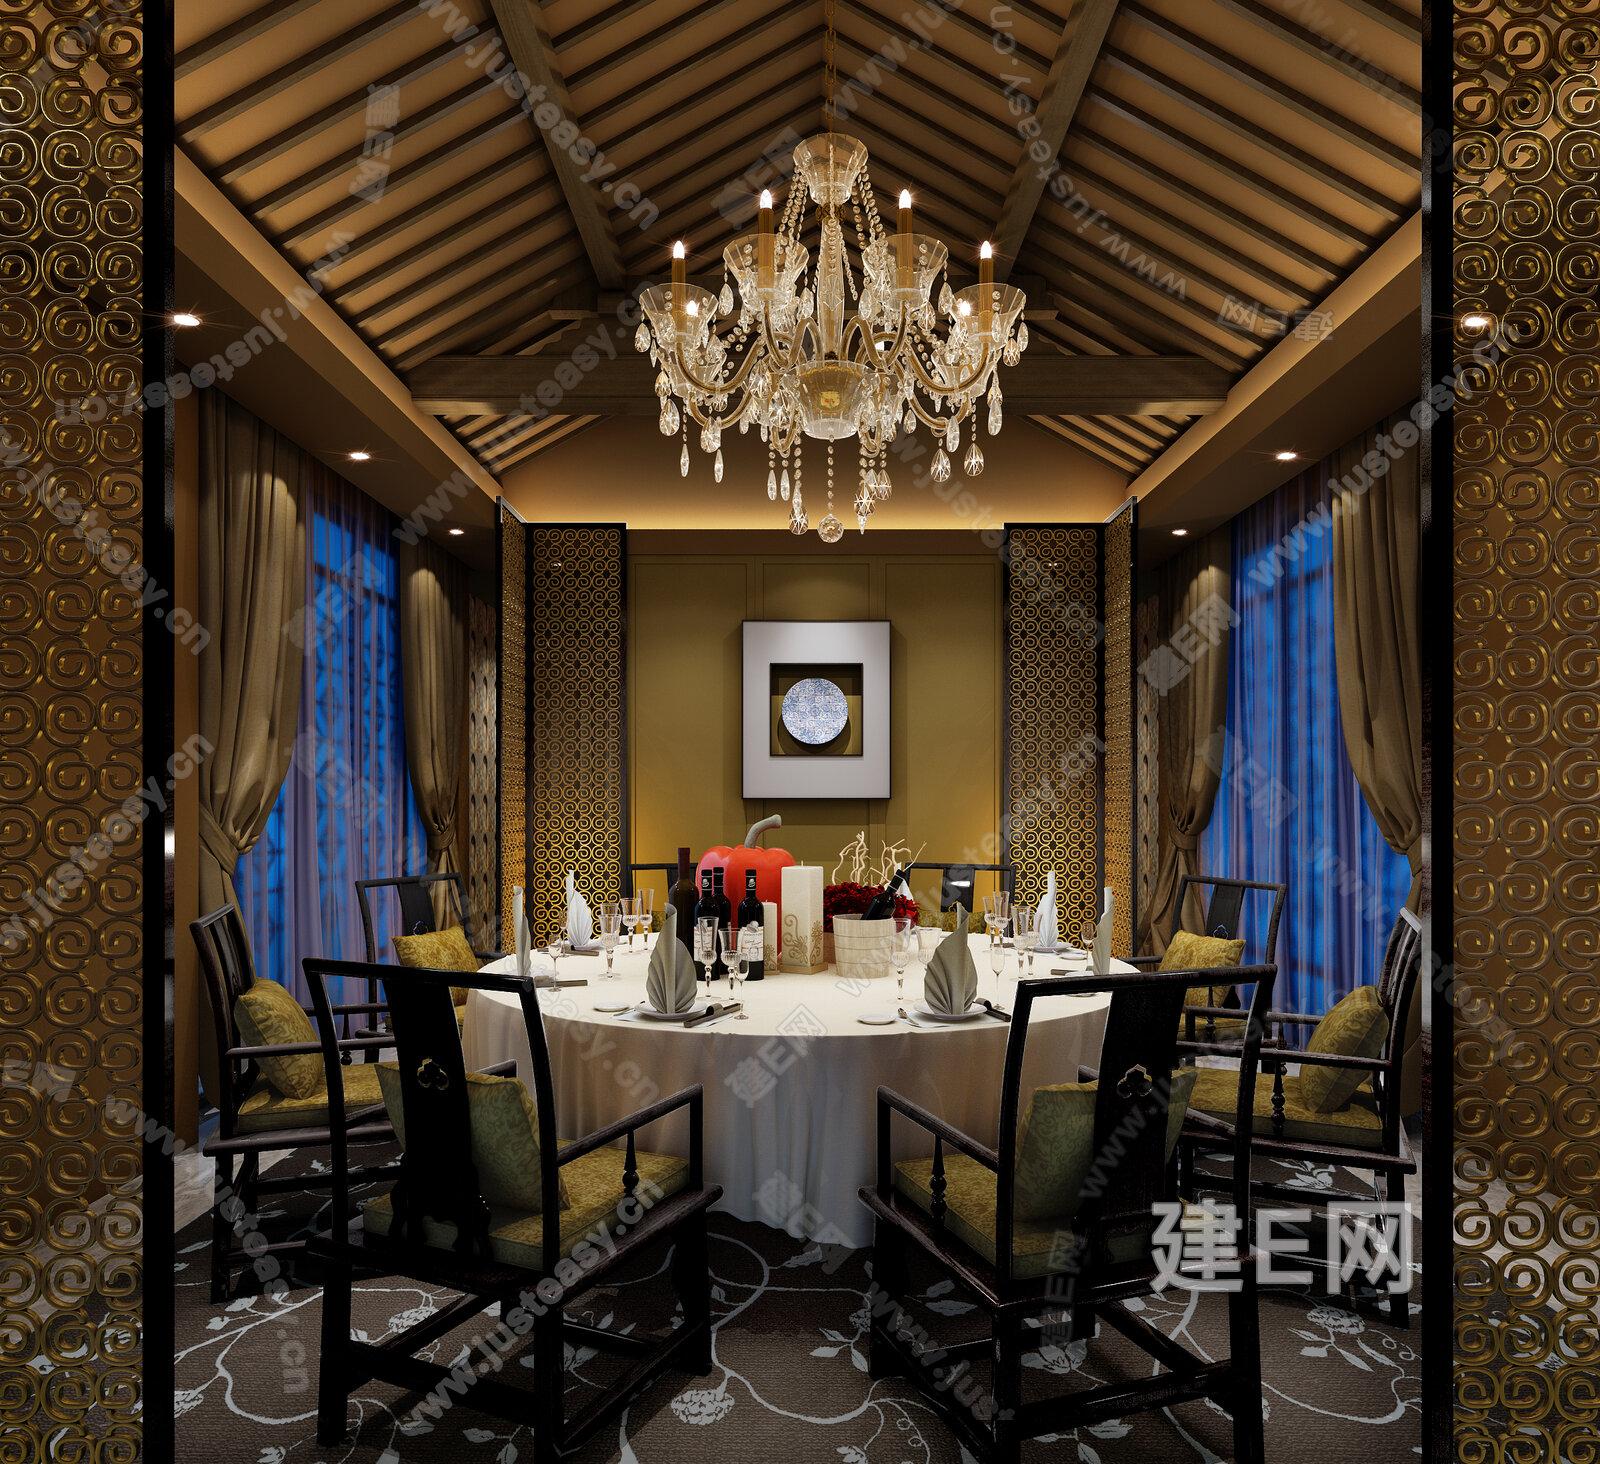 新中式餐厅包间餐厅酒店空间模型-3d模型分享交流平台